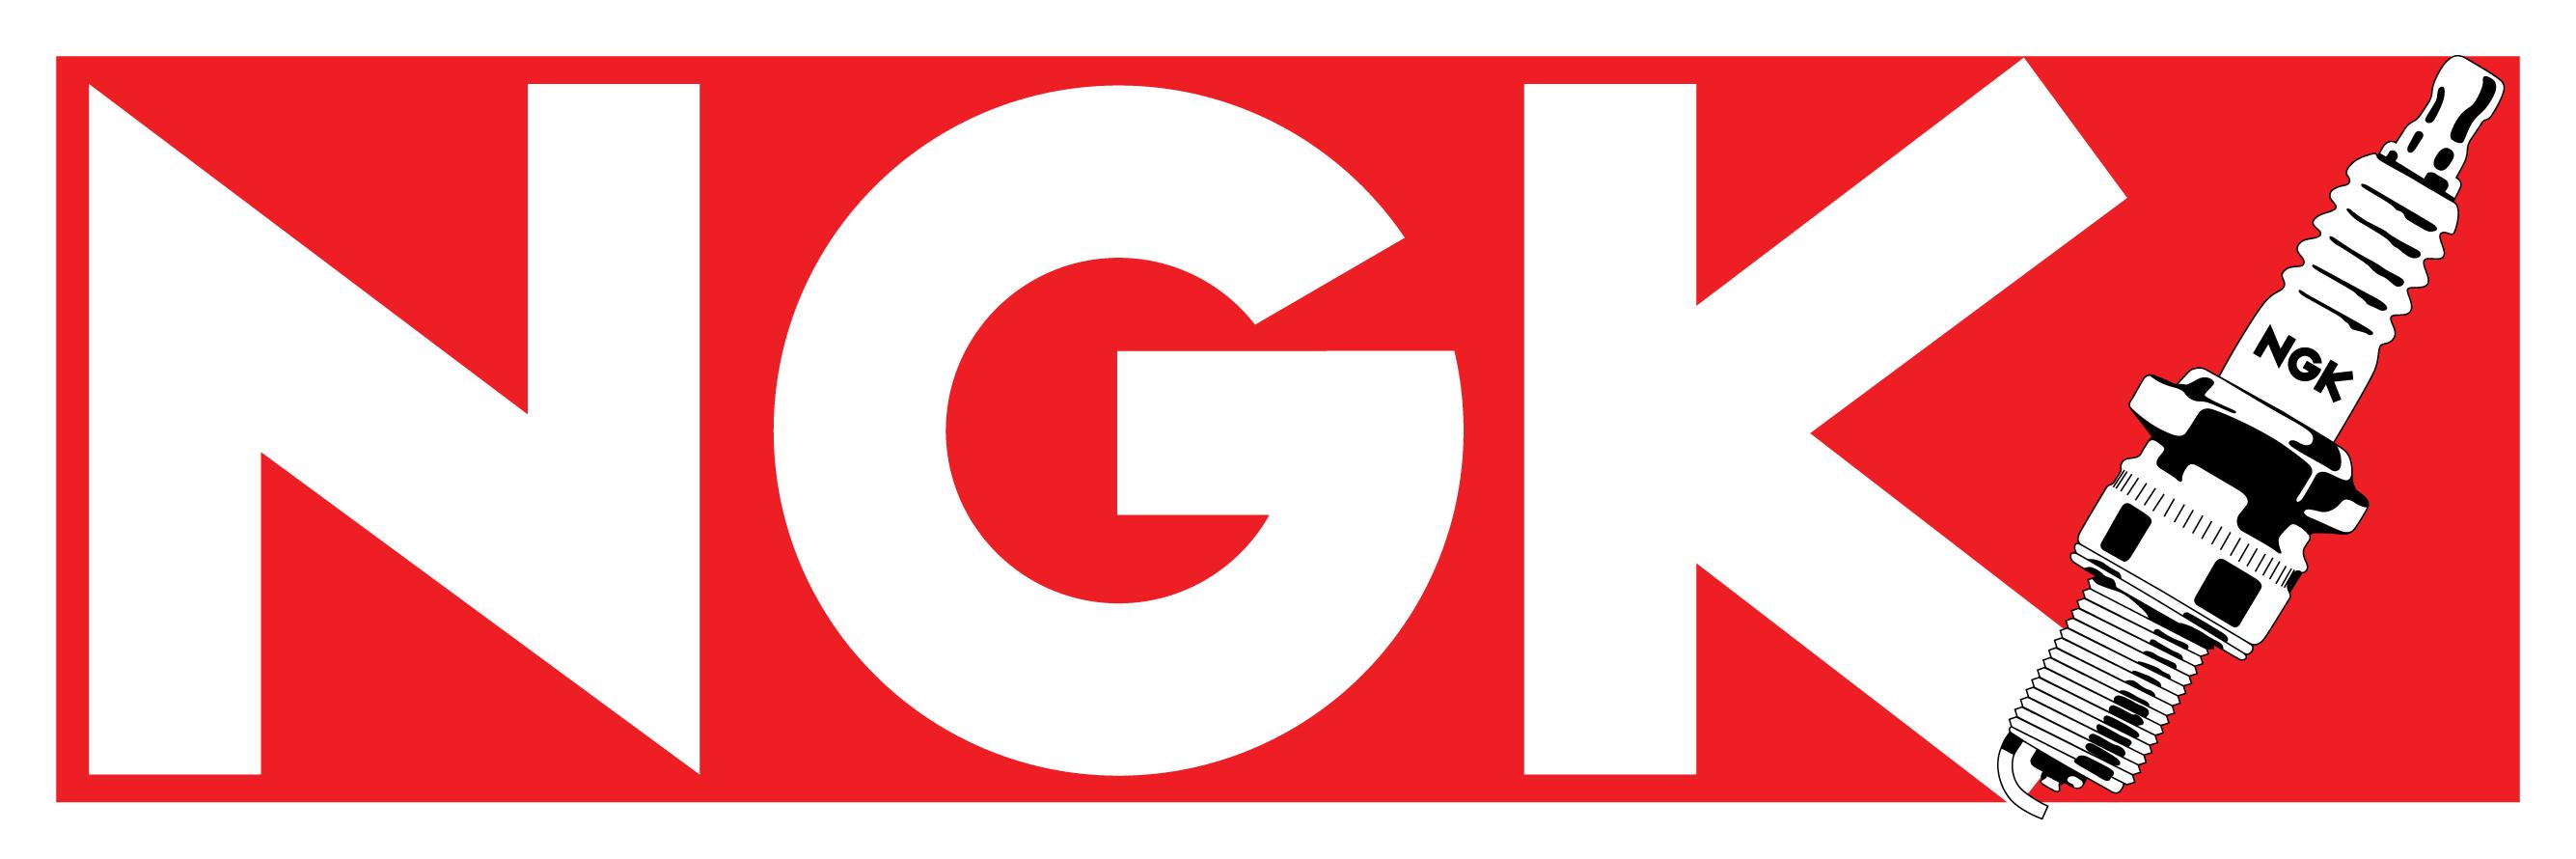 96648165681NGK Spark logo